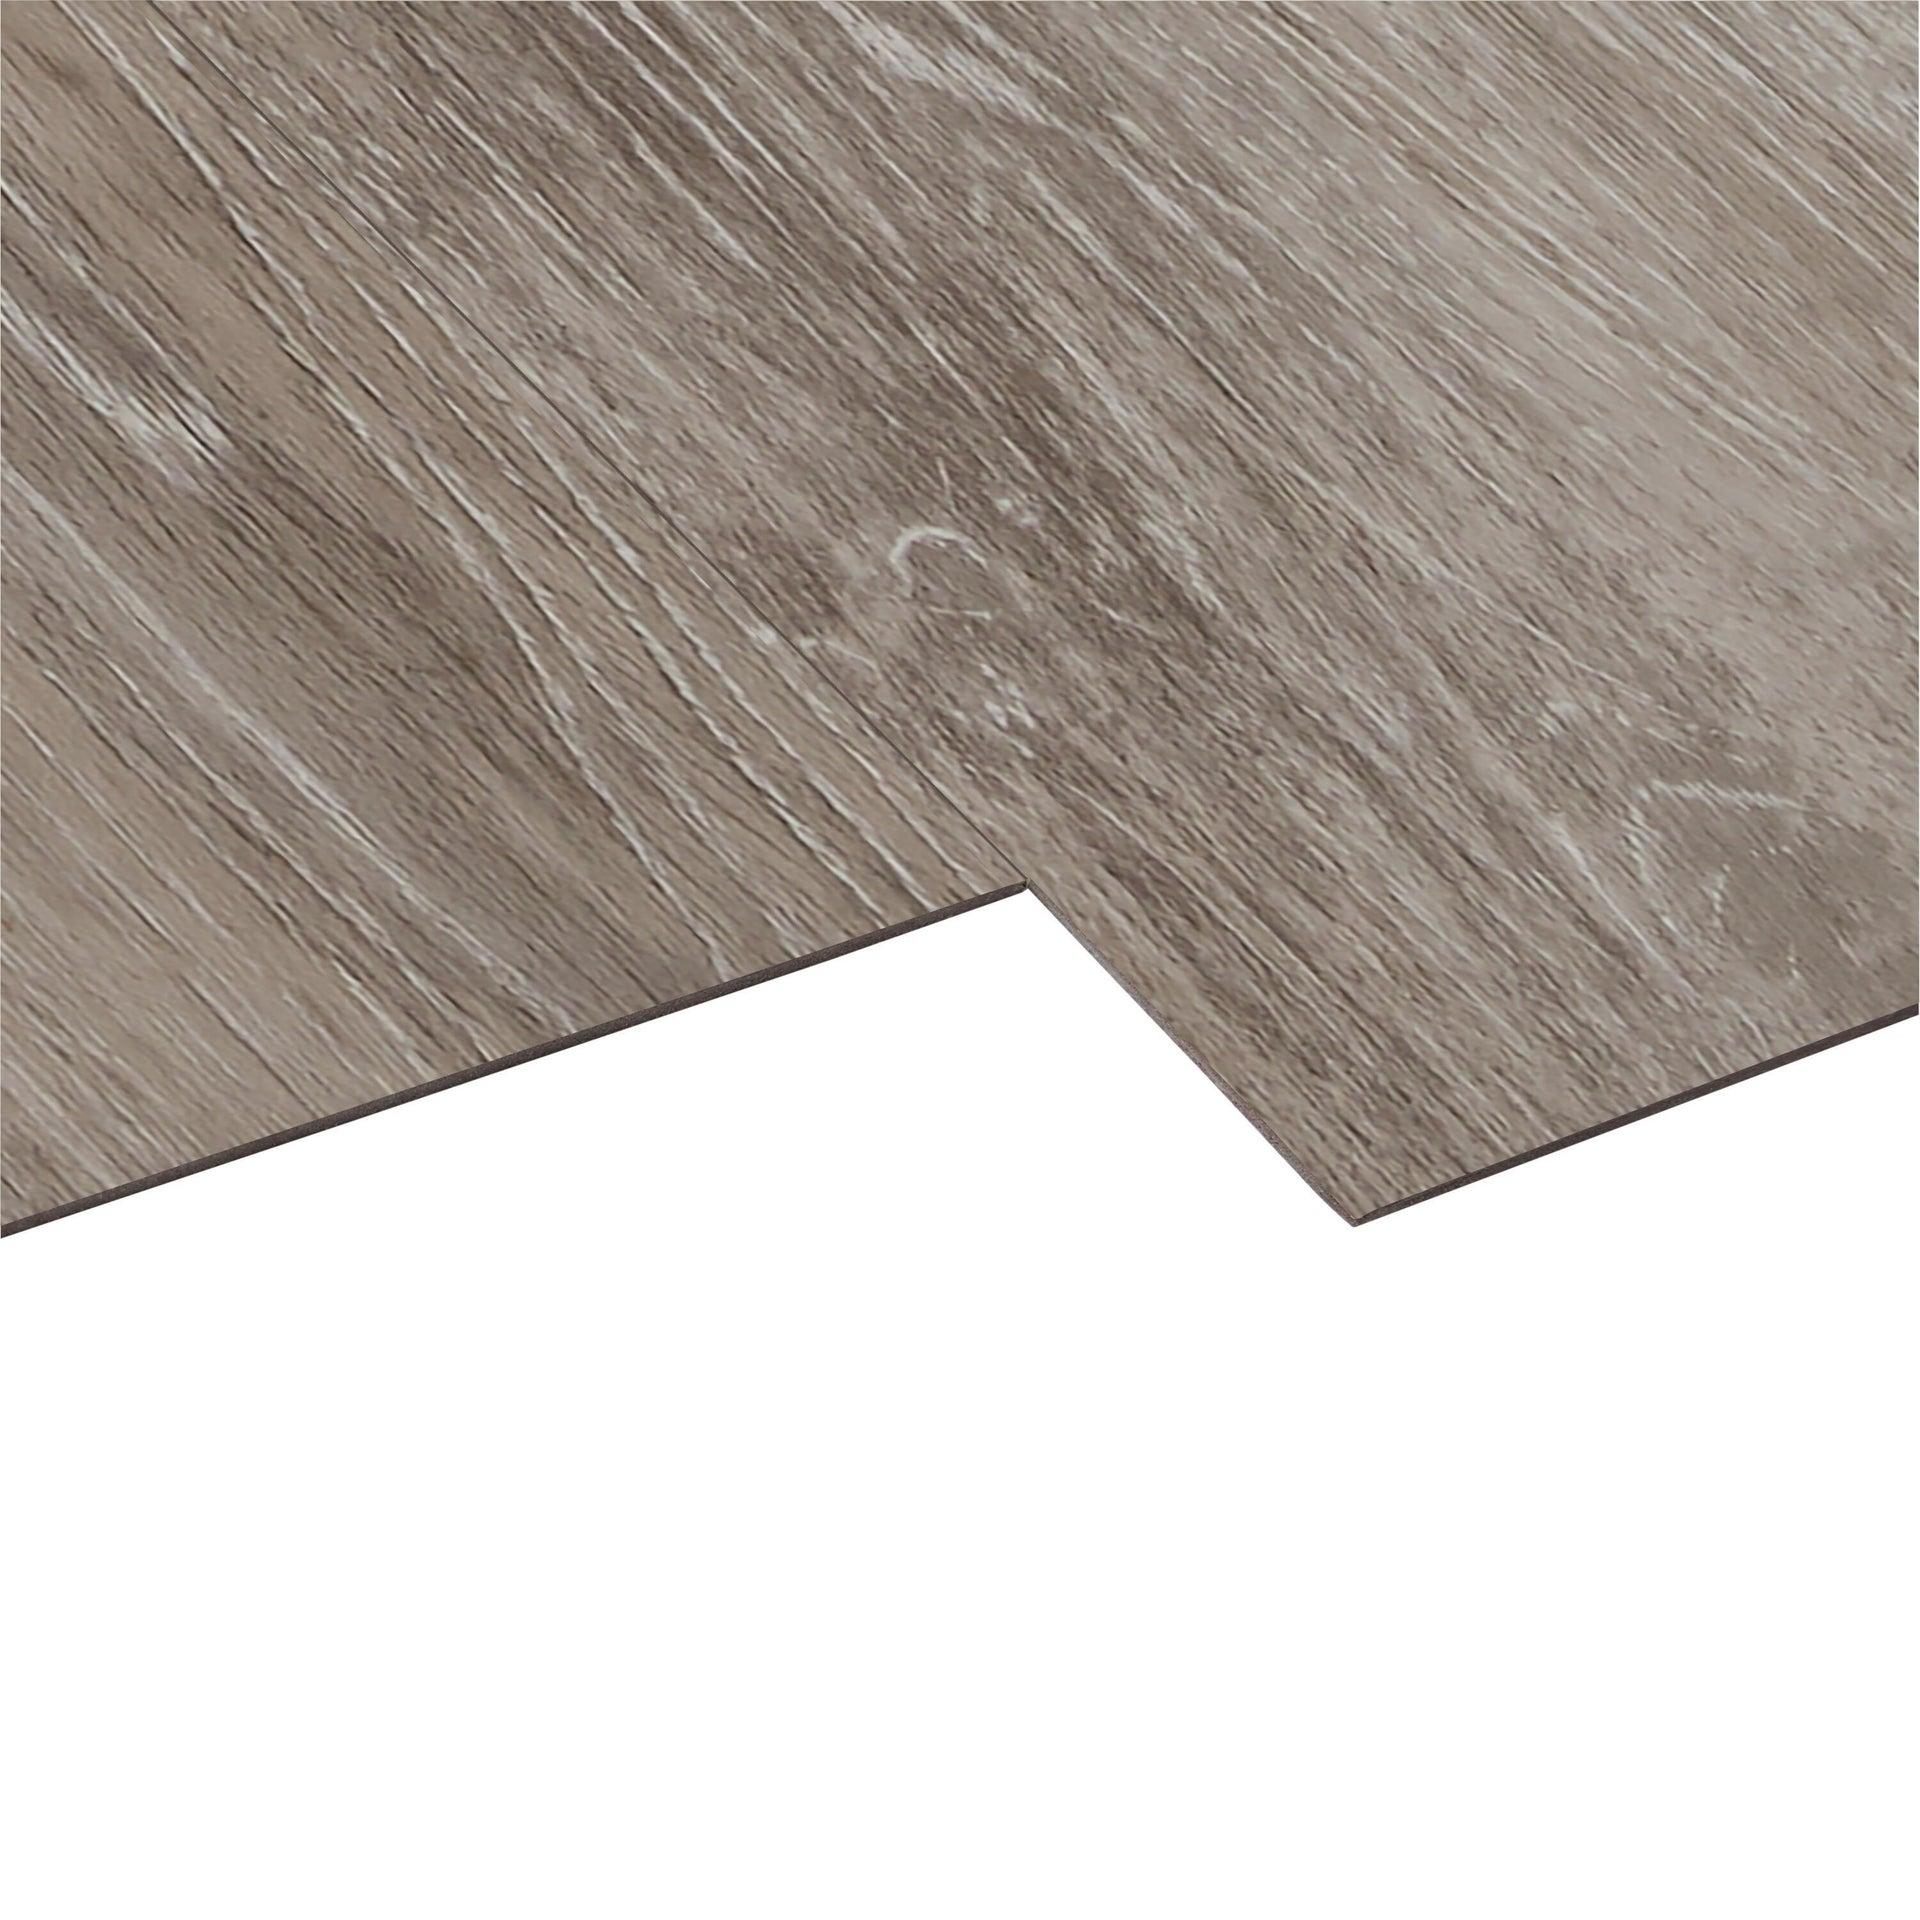 Plancia di vinile adesivo New Helix Sp 2 mm beige - 3